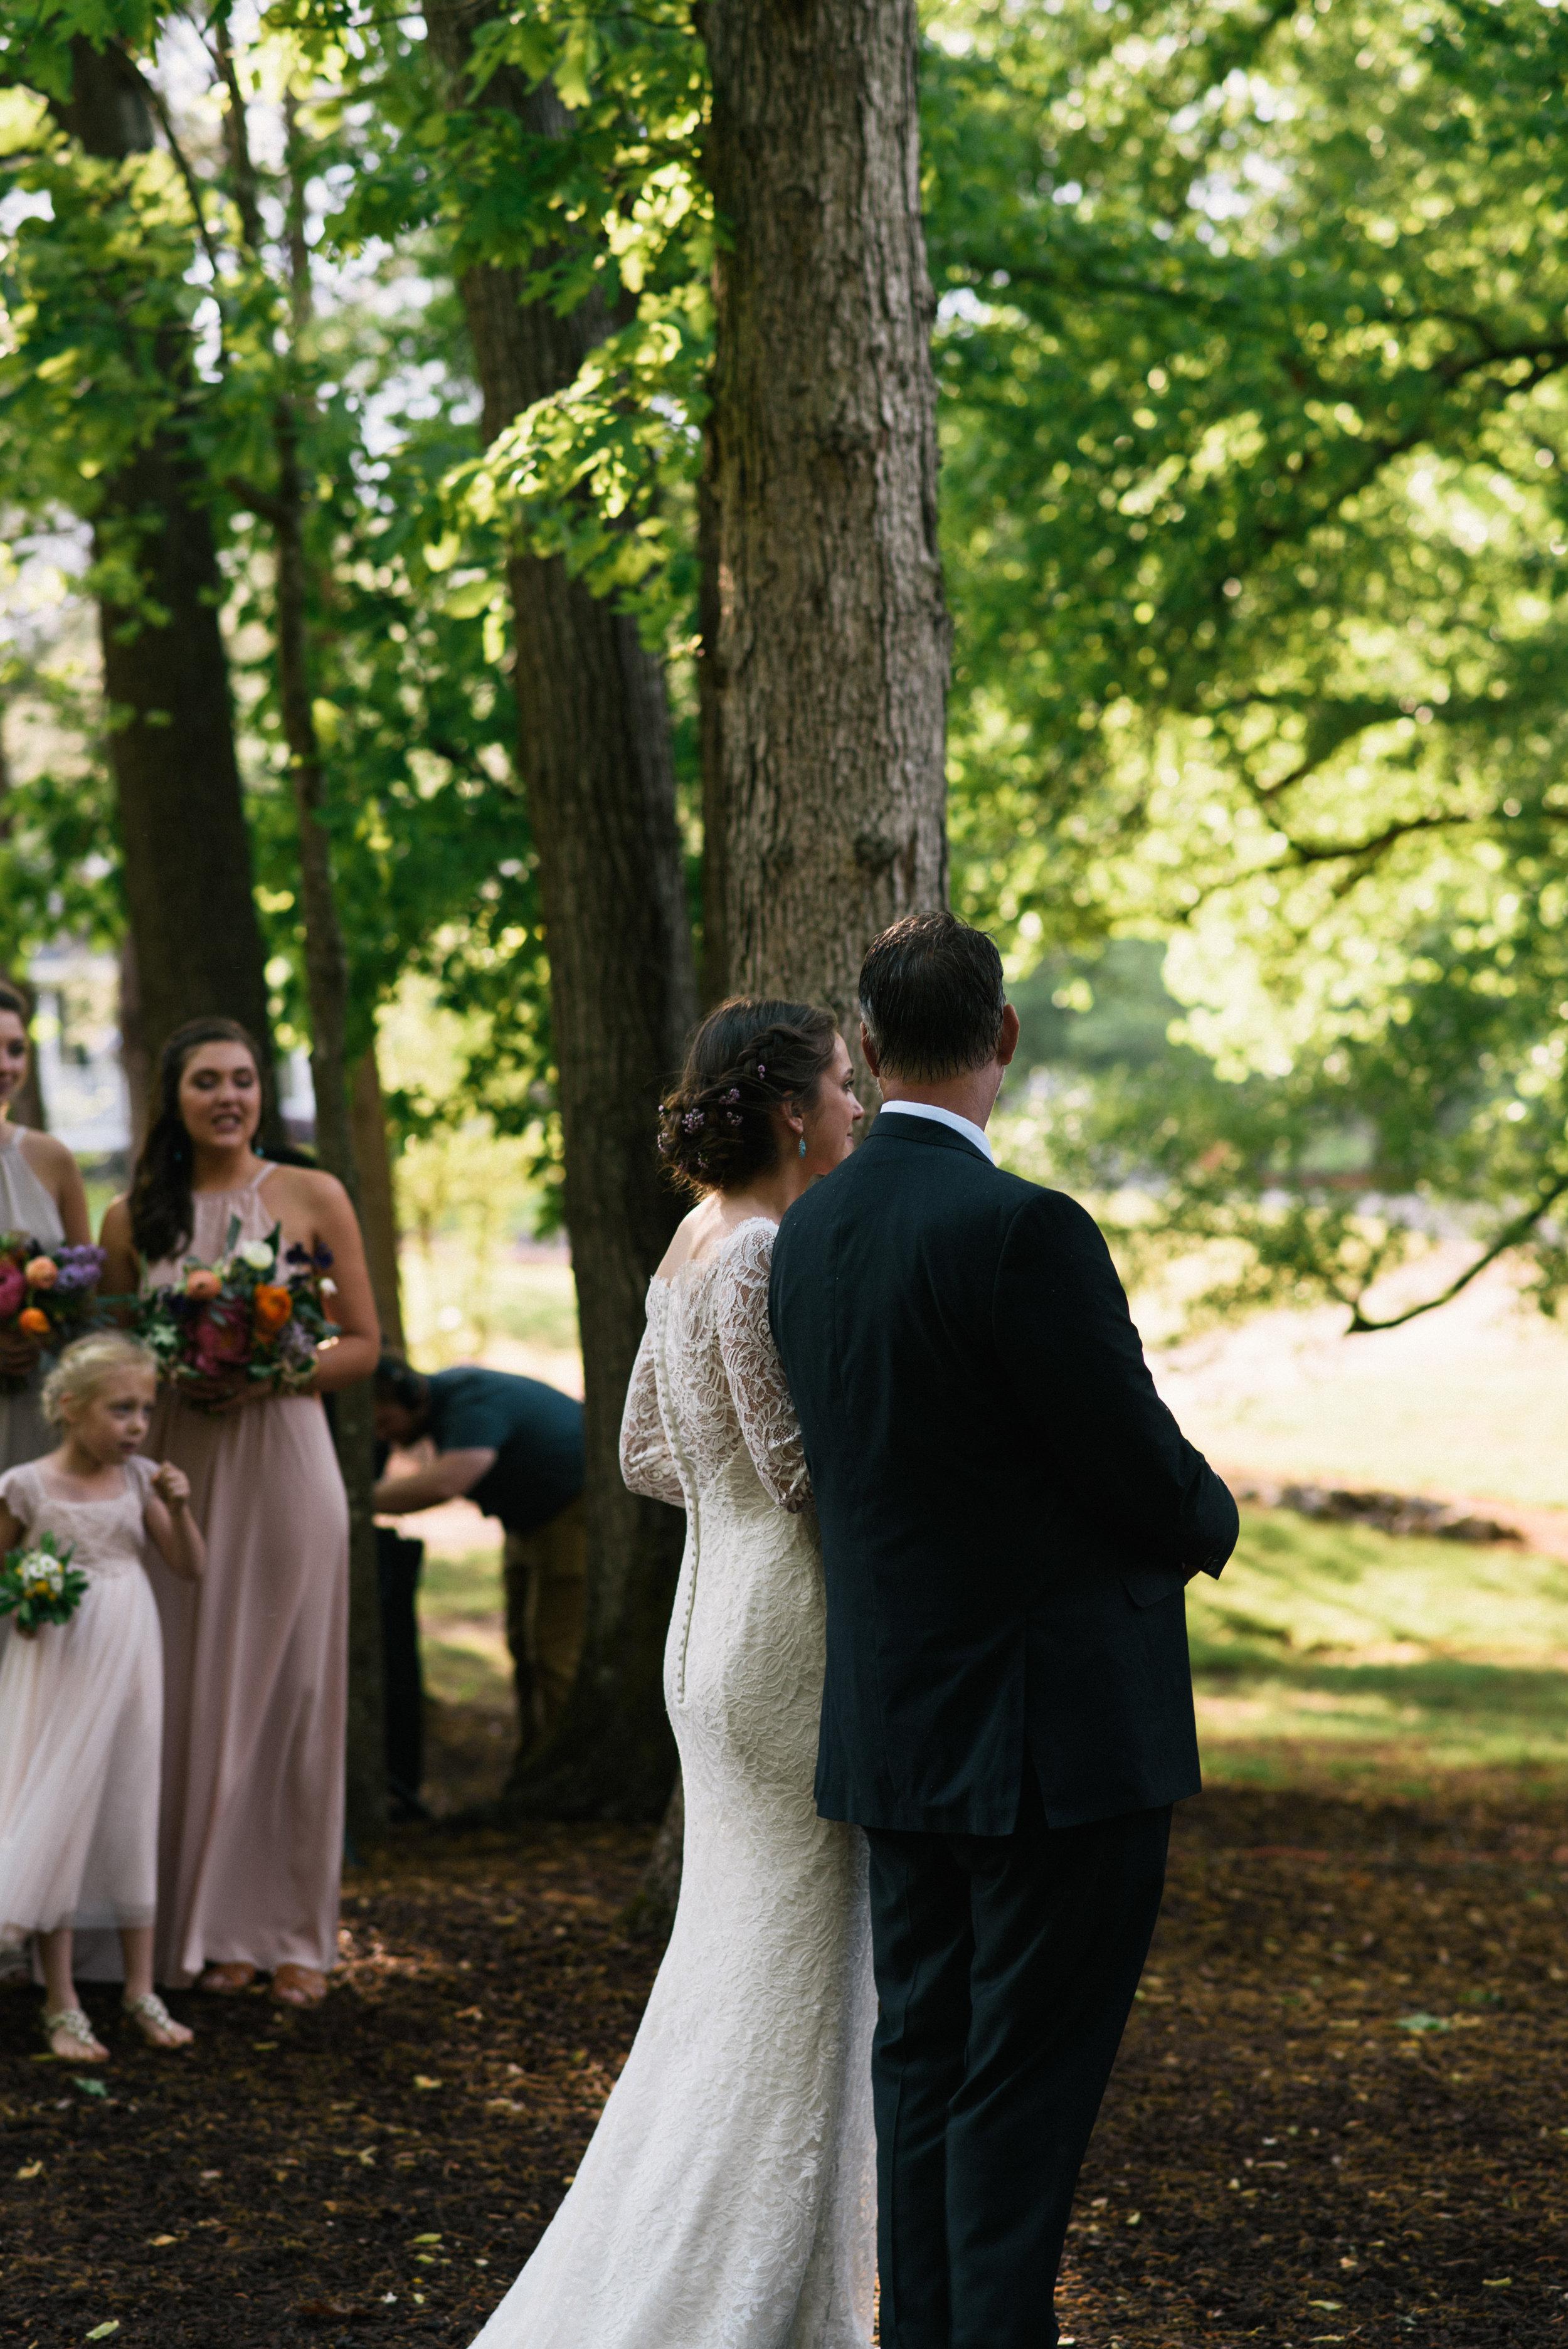 raleigh-elopement-photographer-raleigh-durham-wedding-maddie-and-devin- (101 of 162).jpg